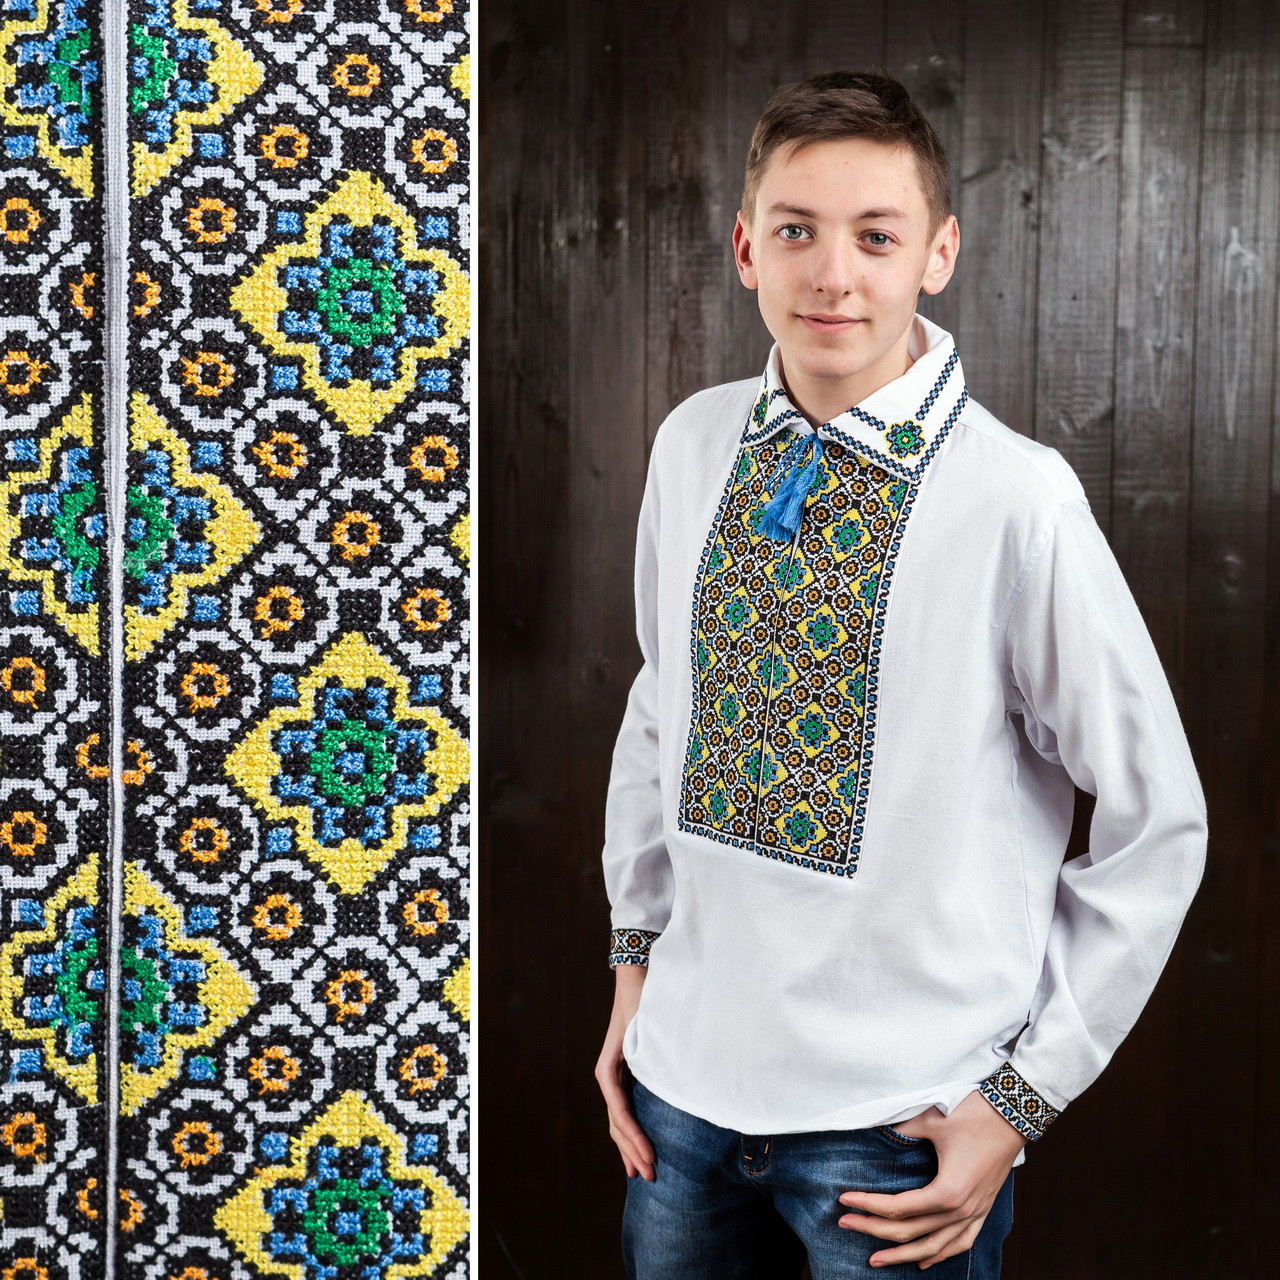 Мужская сорочка вышиванка на домотканом полотне - Вишиванки оптом и в розницу - «ОптИнвест» в Хмельницком